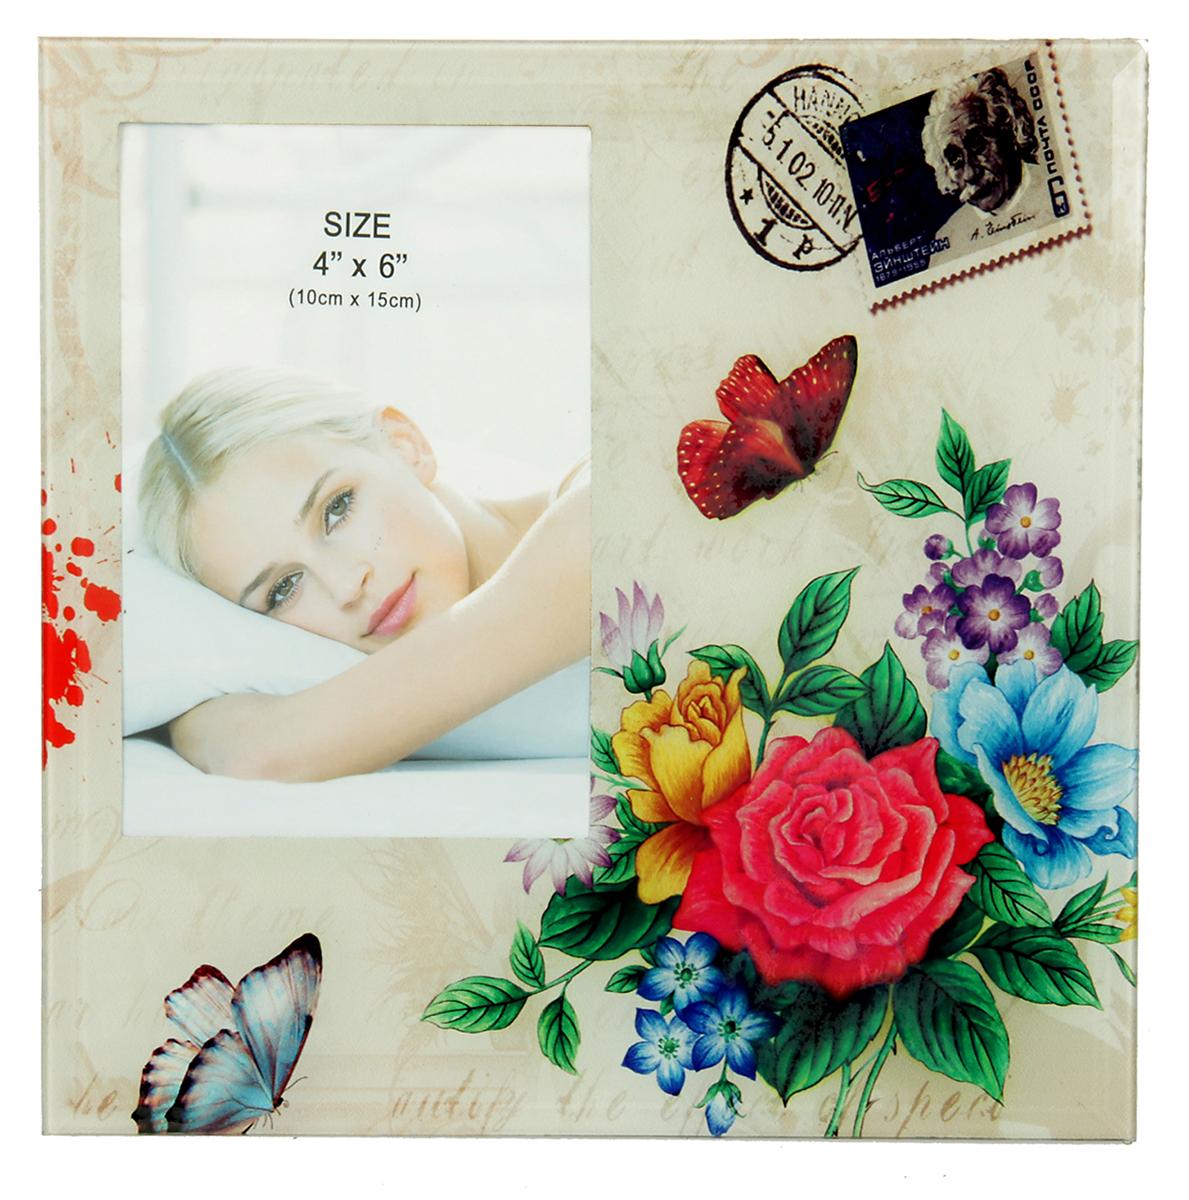 Фоторамка Цветочное послание, стекло, 10 х 15 см , цвет: серый. 10337231033723